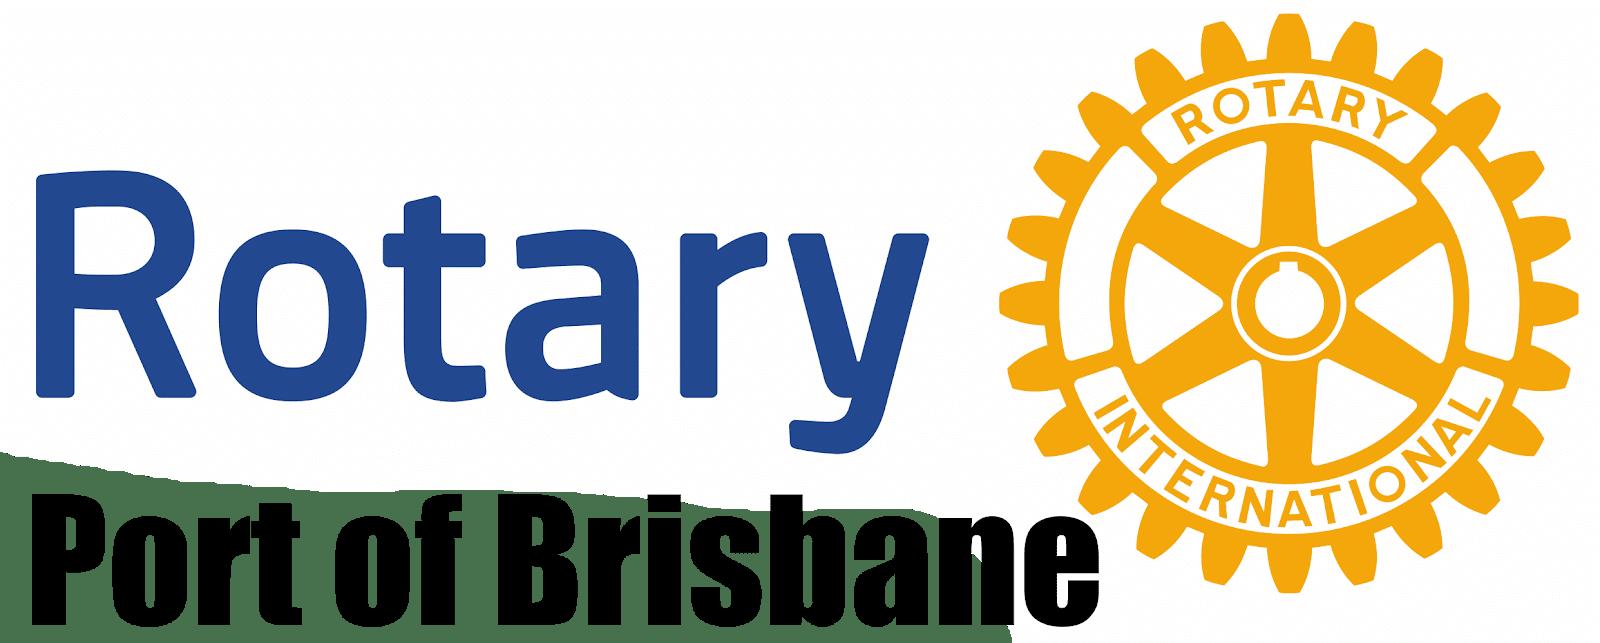 POBR_Logo_2017.png